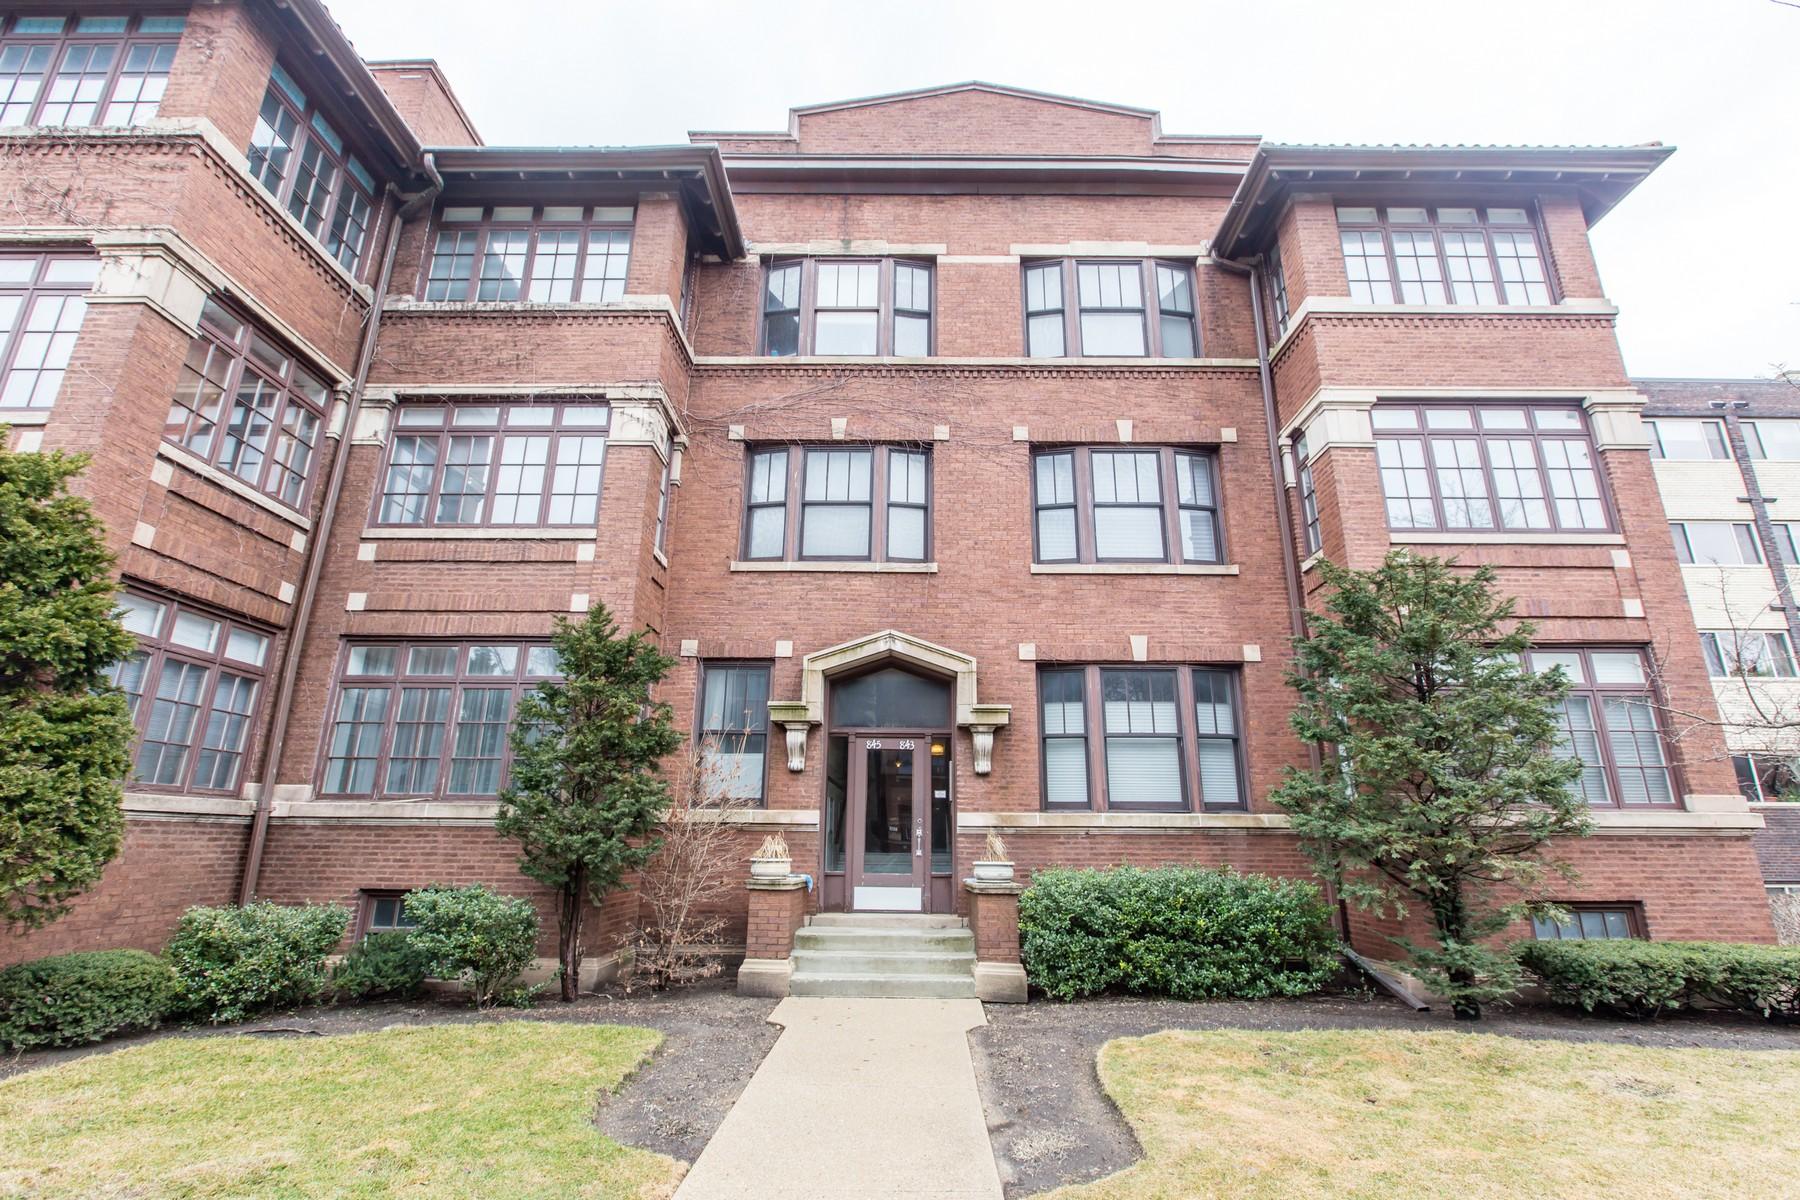 獨棟家庭住宅 為 出售 在 Gorgeous, move in ready 843 Ridge Avenue Unit 3S, Evanston, 伊利諾斯州, 60202 美國